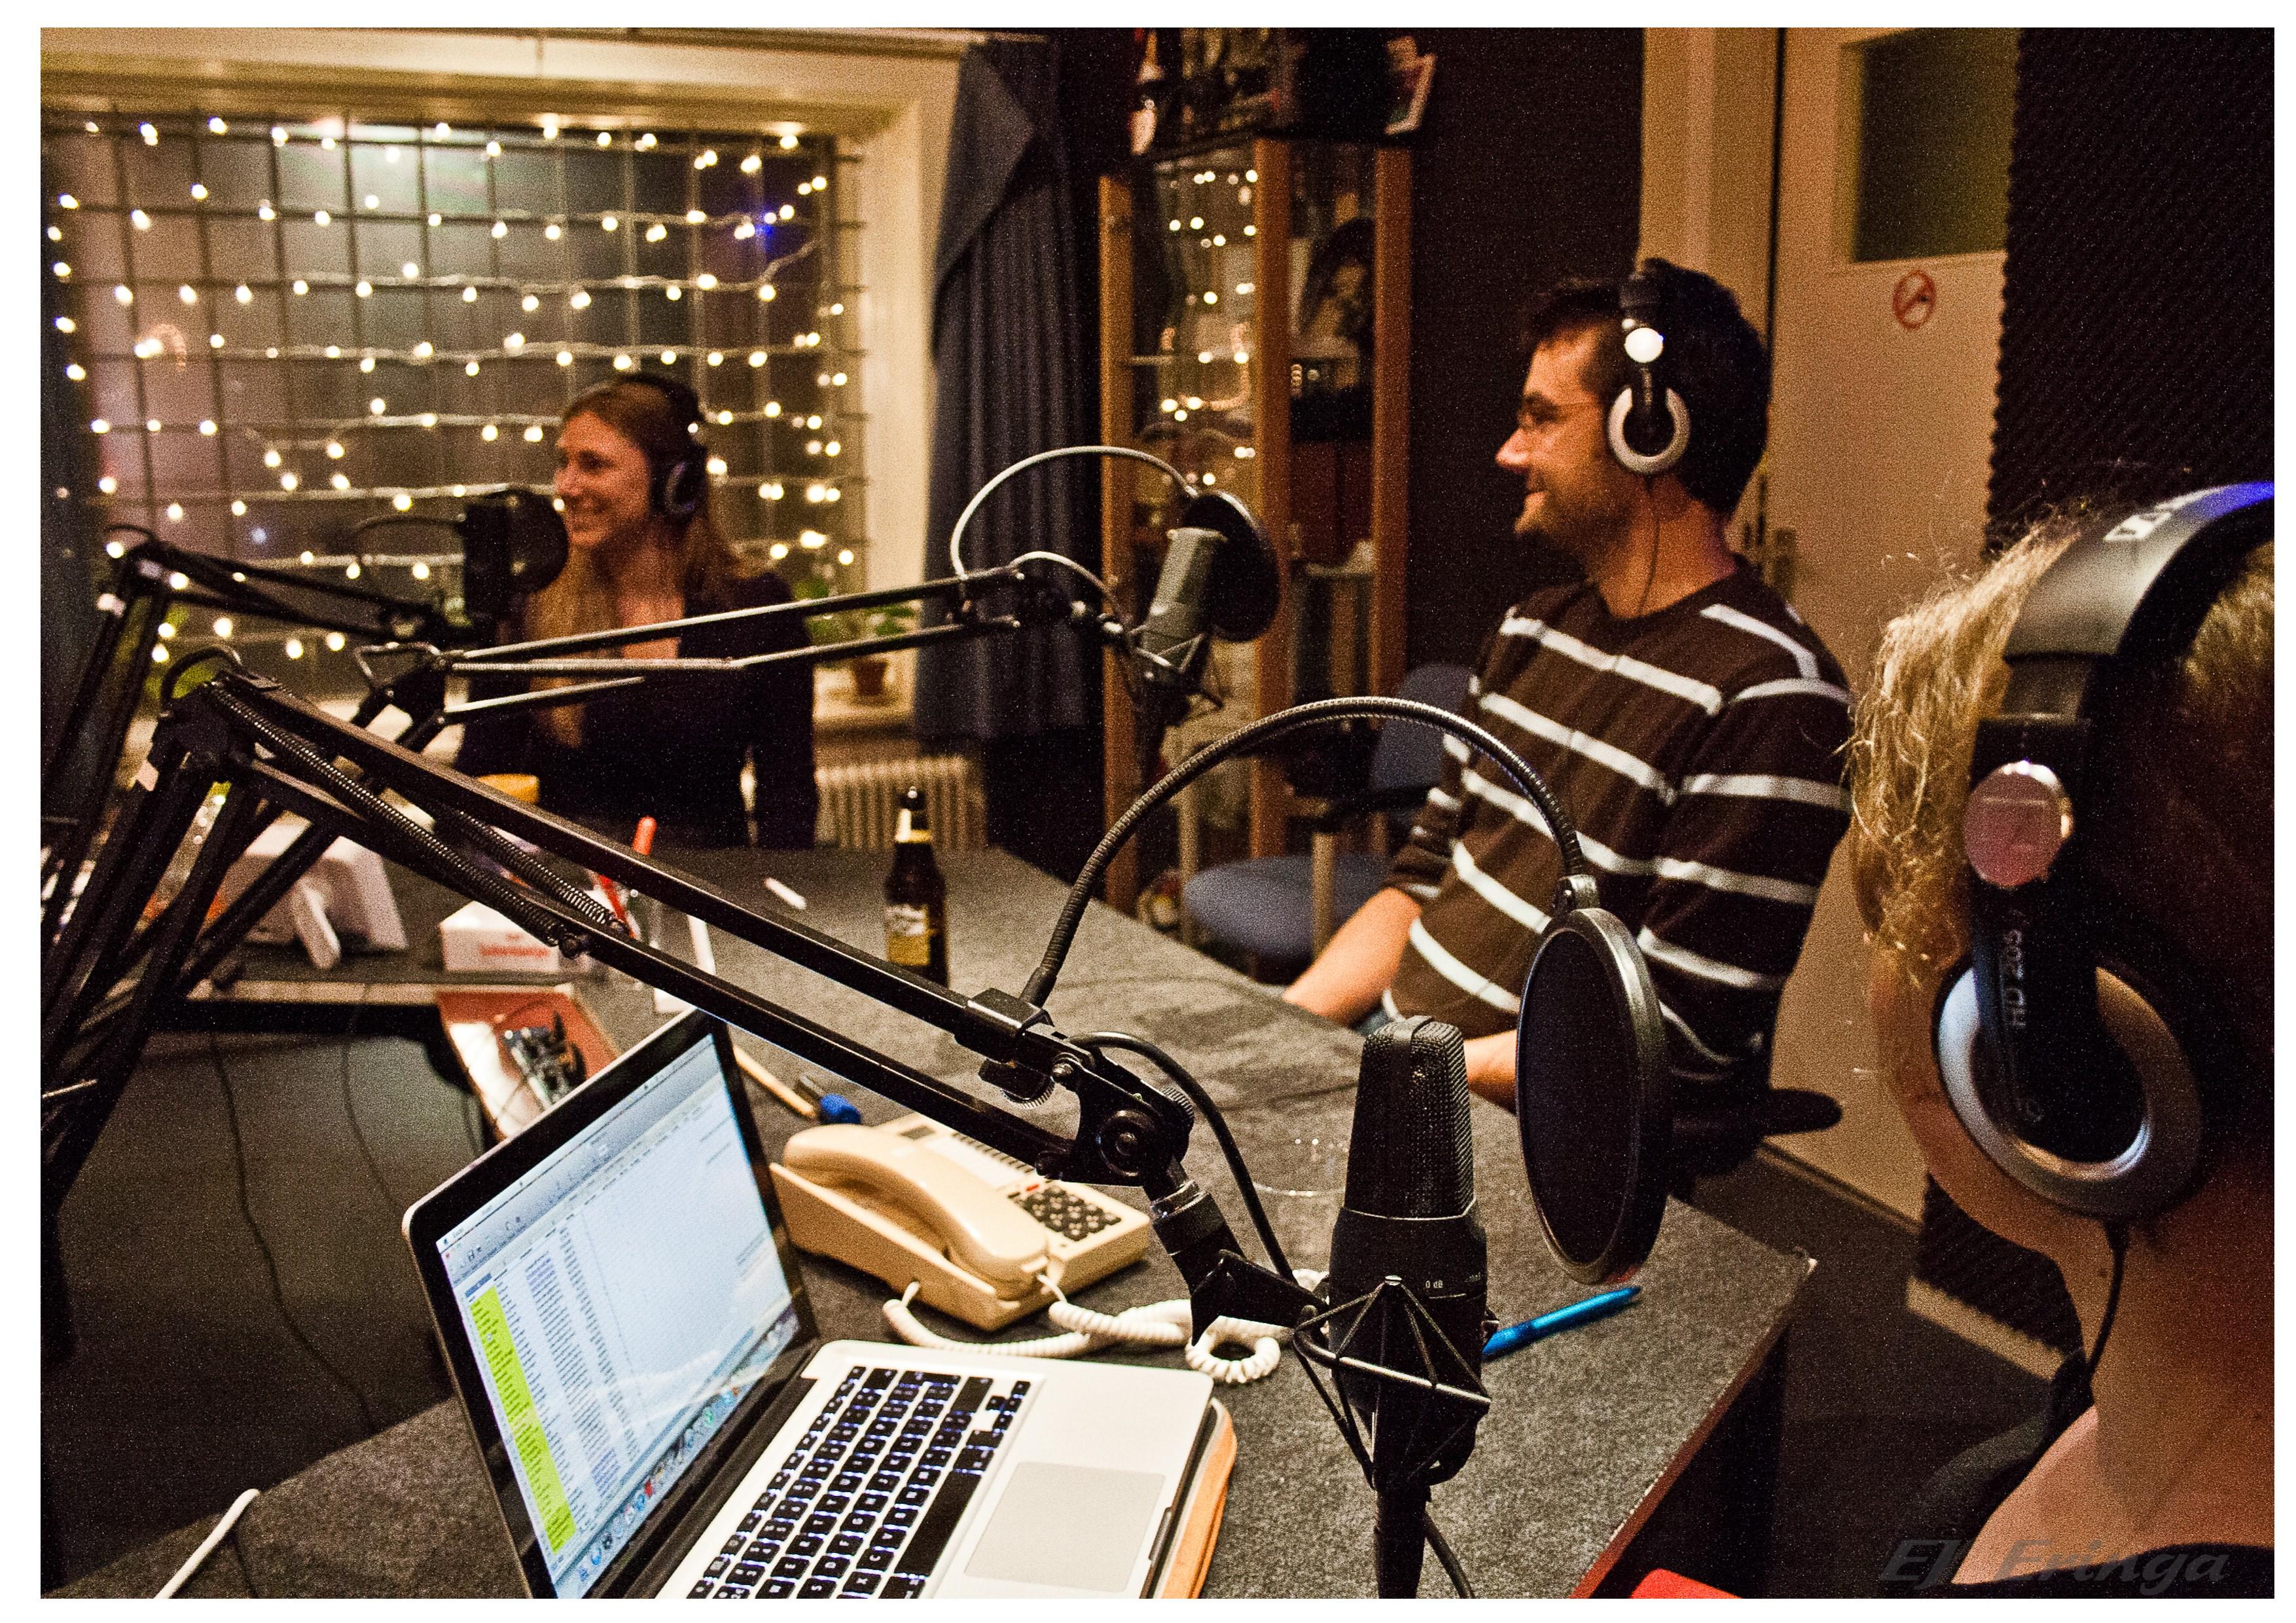 Fotó: samsamwater.com